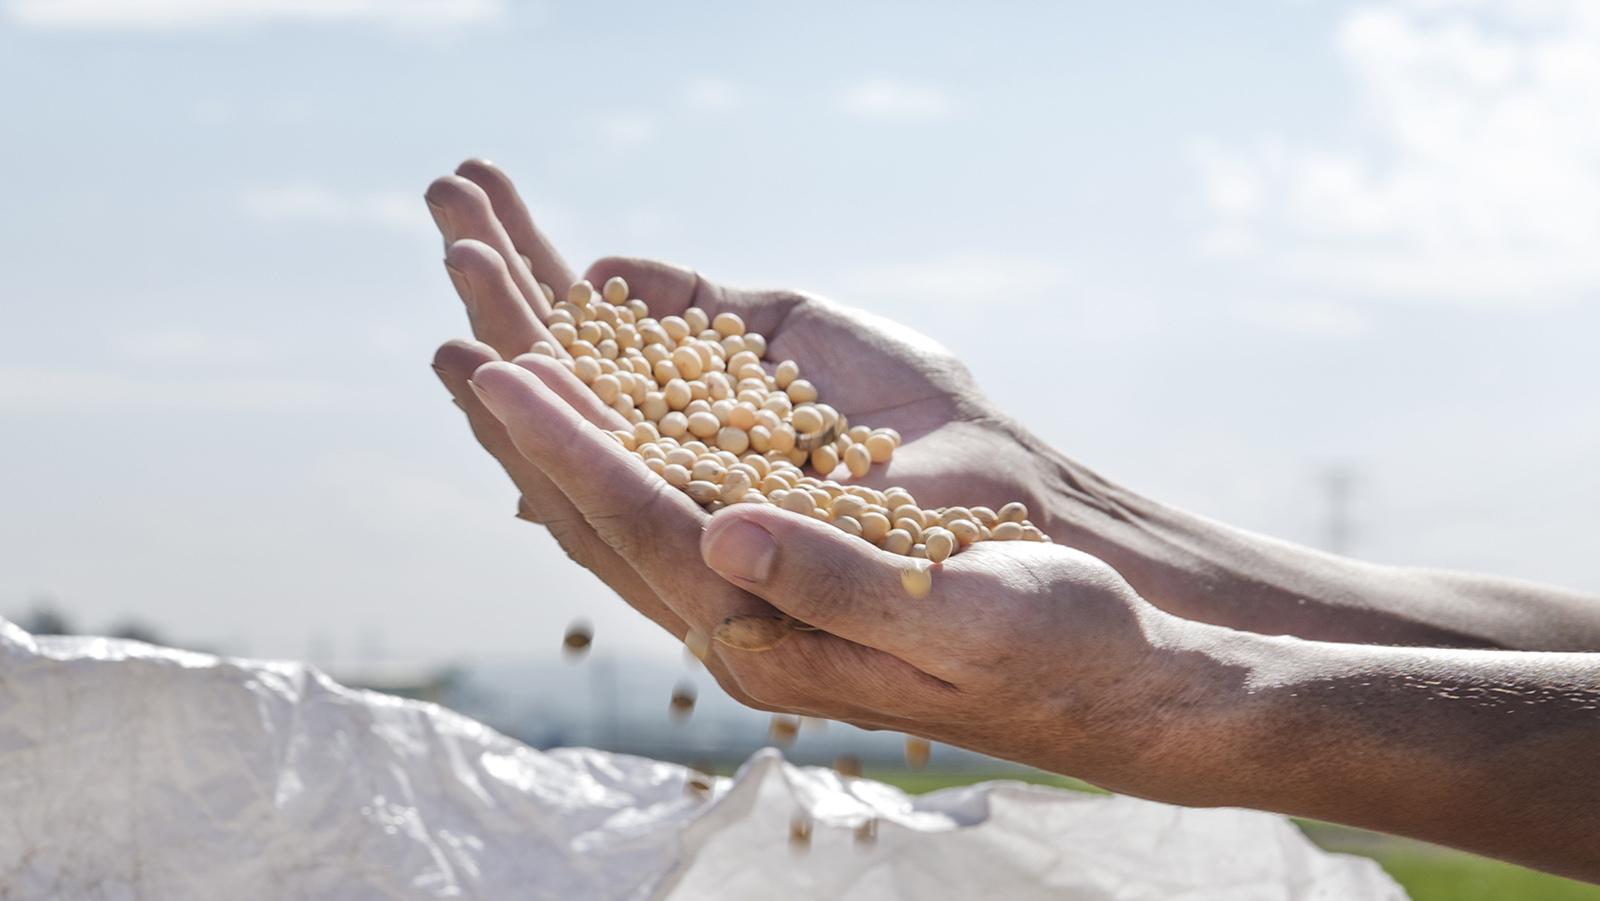 自製豆漿雖然健康,也有製作上的注意事項喔!大豆含有皂素、皂、蛋白酶抑制劑等成分,而皂苷味道帶點苦和辣的味道,要改善這個問題就需要在煮漿過程中充分加熱,溫度大約要到達100度以上,另外也有人會購買豆漿機,那就可以不用擔心溫度的問題囉 | 改變生命的豆漿店